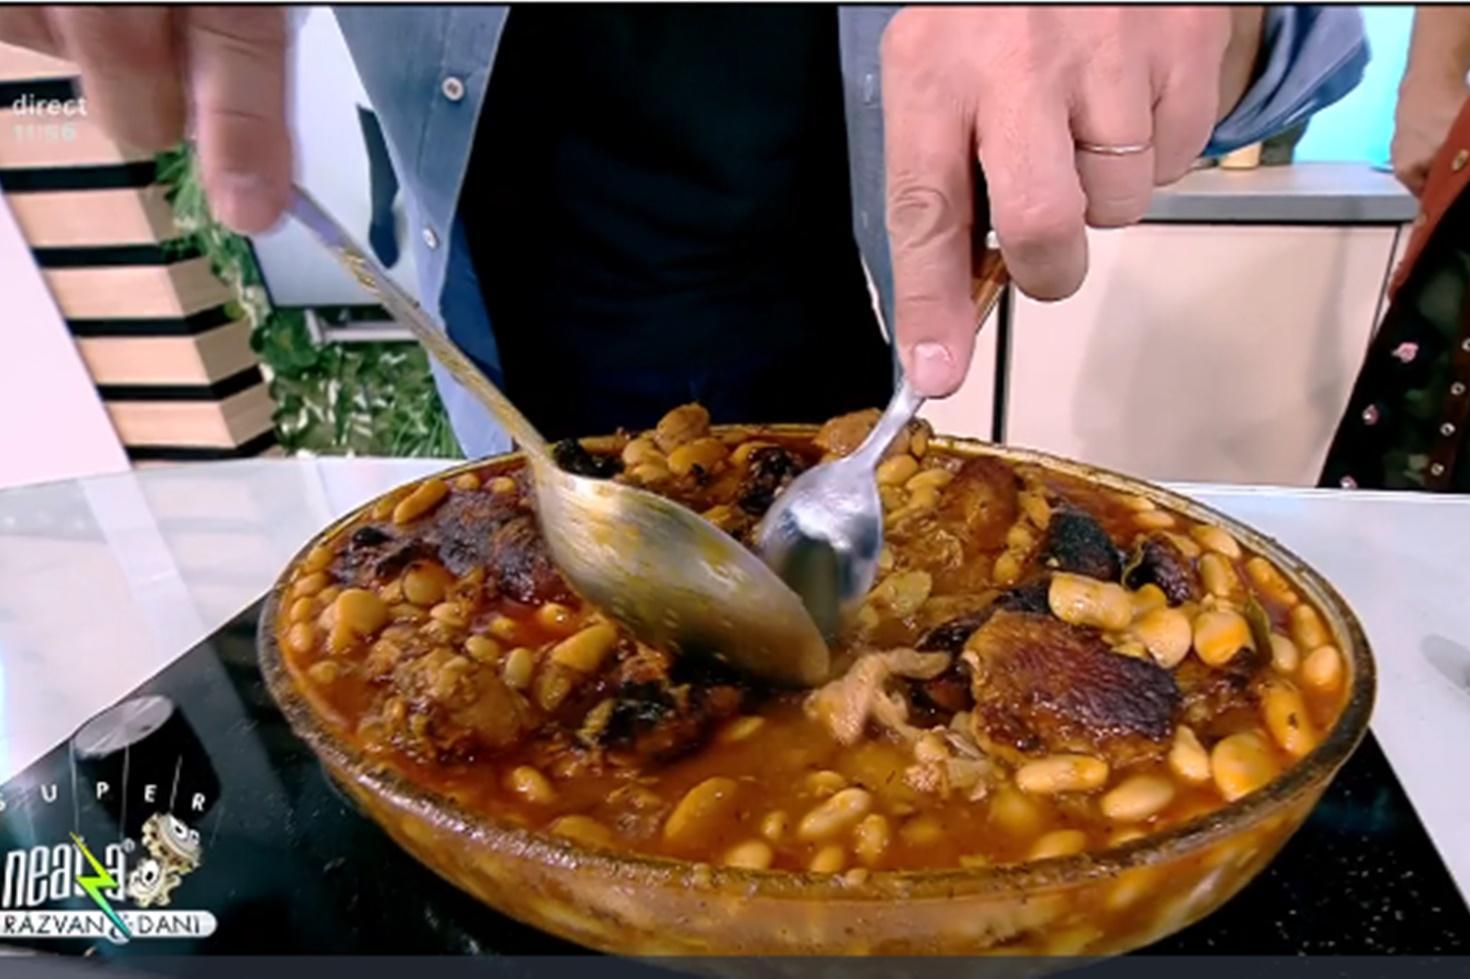 Rețetă de iahnie de fasole cu carne de porc, preparată de chef Nicolai Tand la Neatza cu Răzvan și Dani